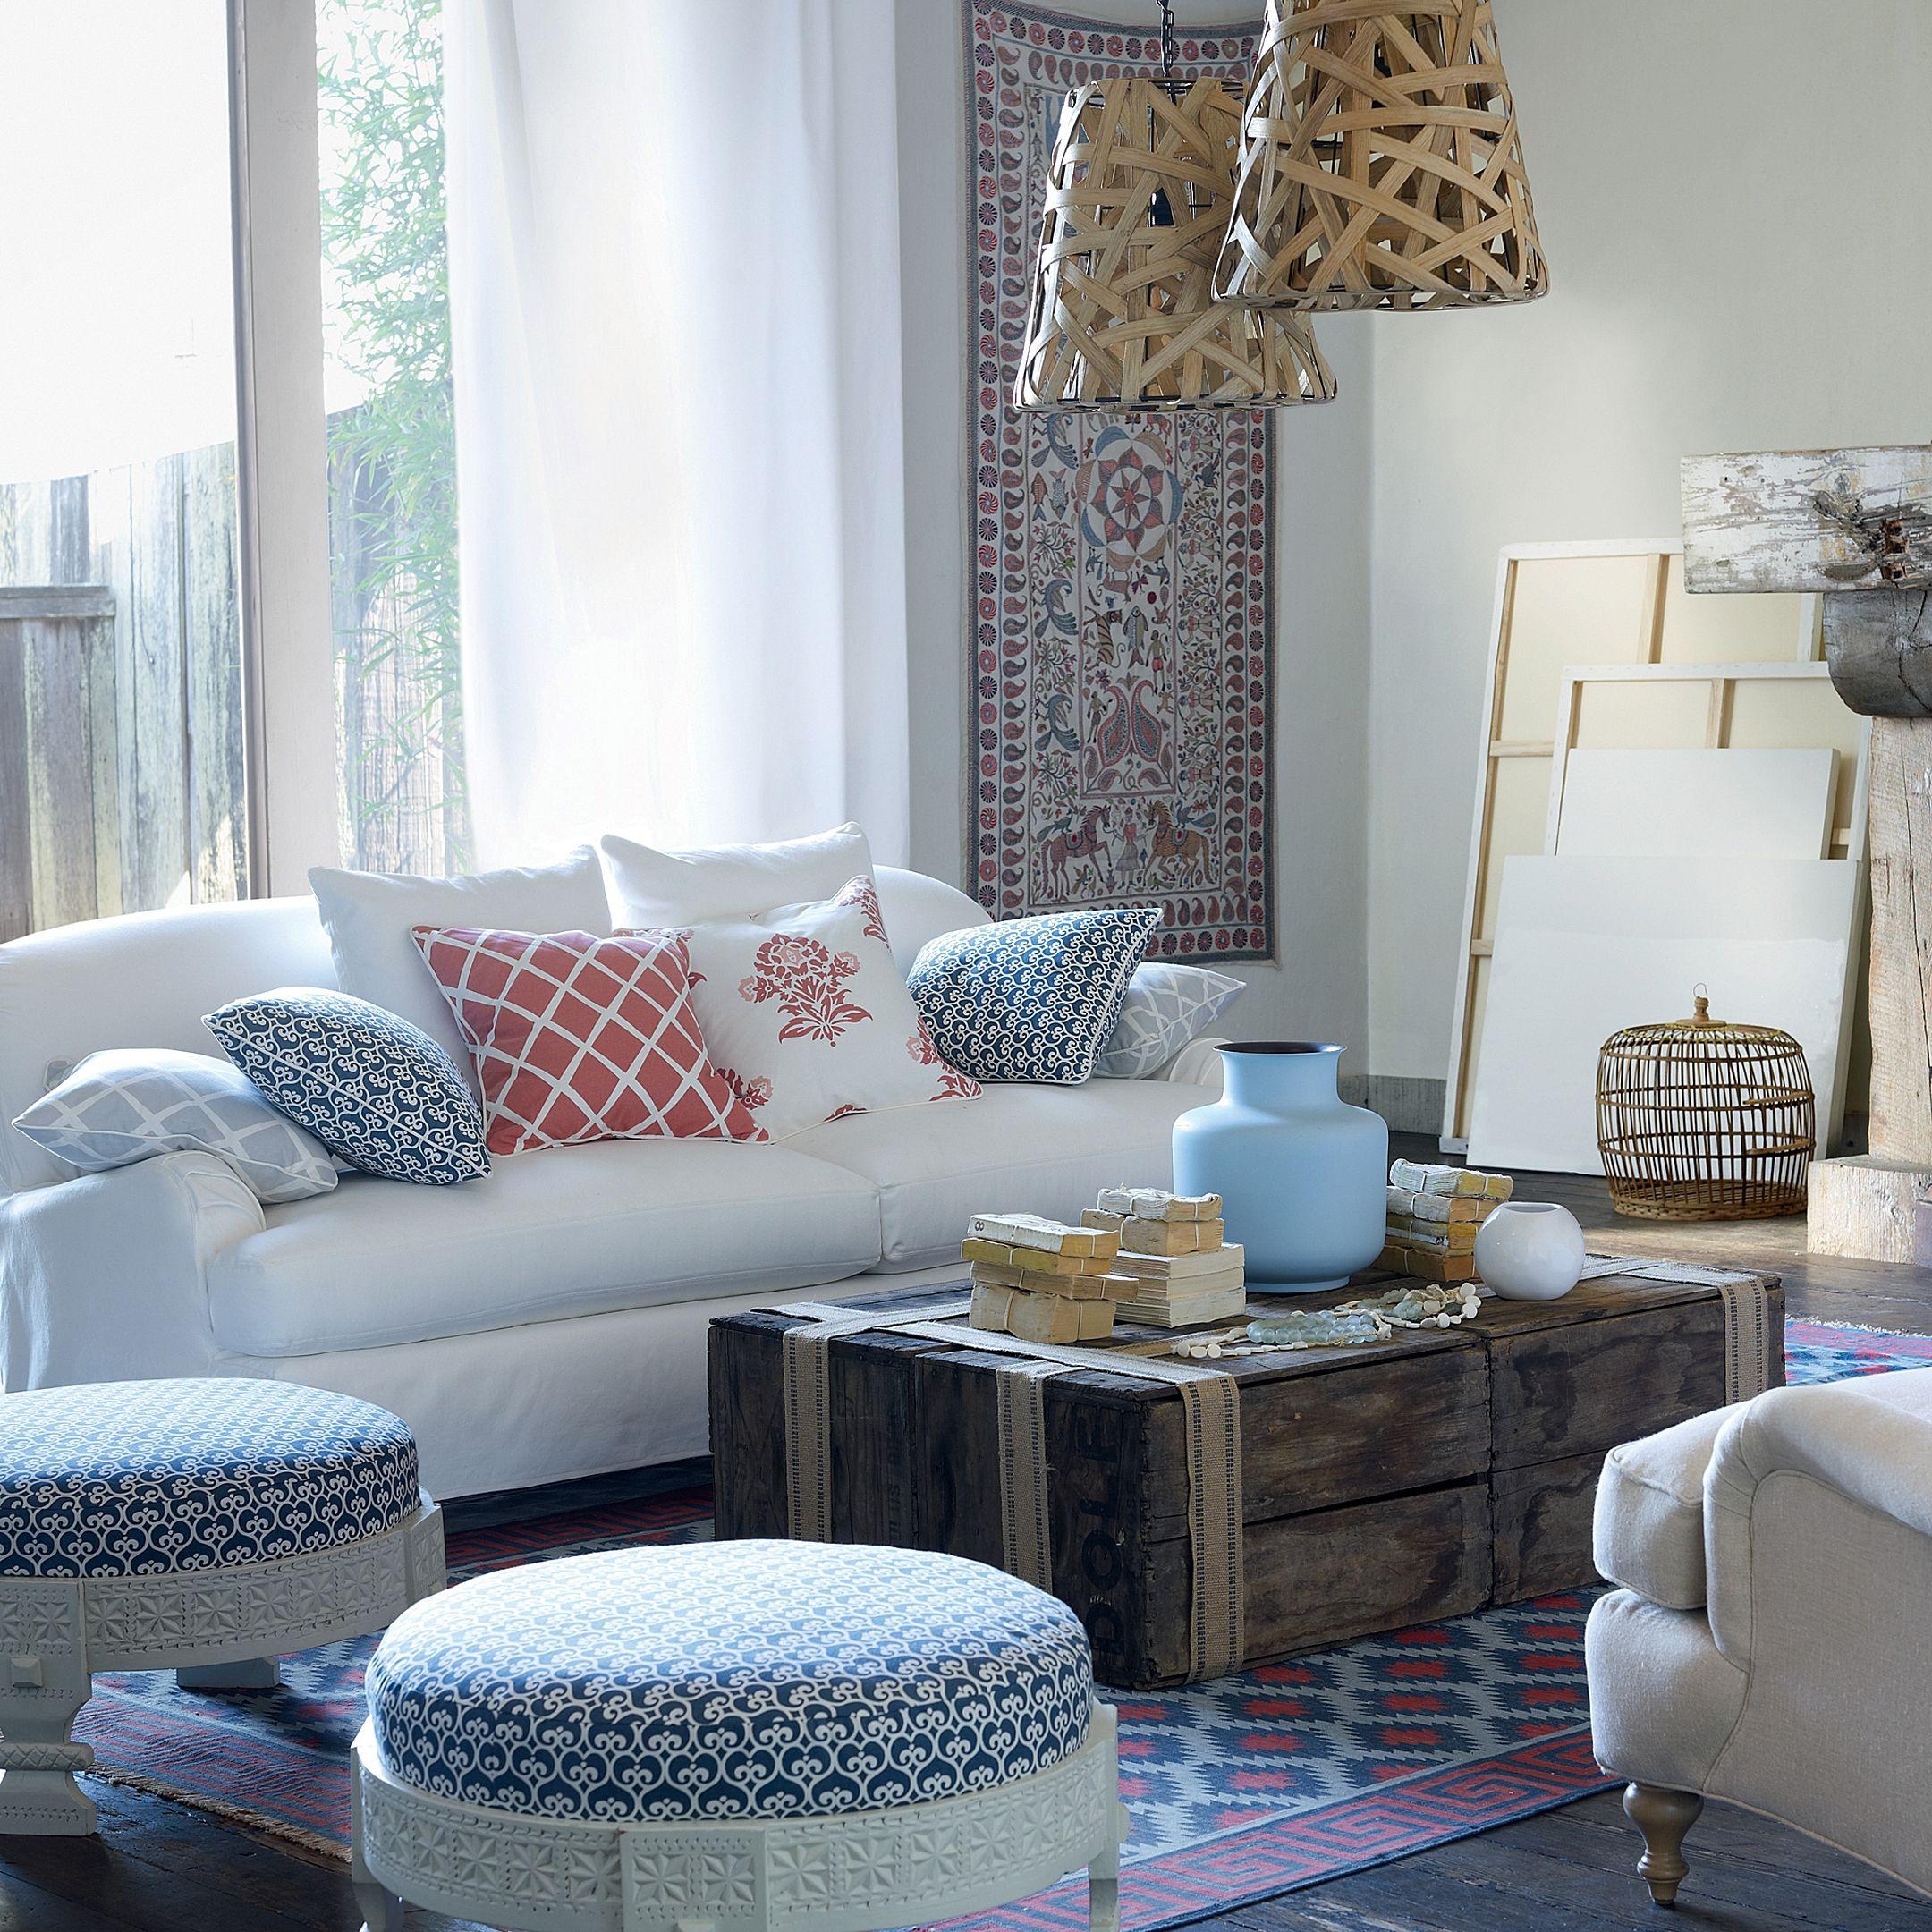 Miramar Sofa Furniture Design Living Room Coastal Decorating Living Room Nautical Living Room Nautical living room decor